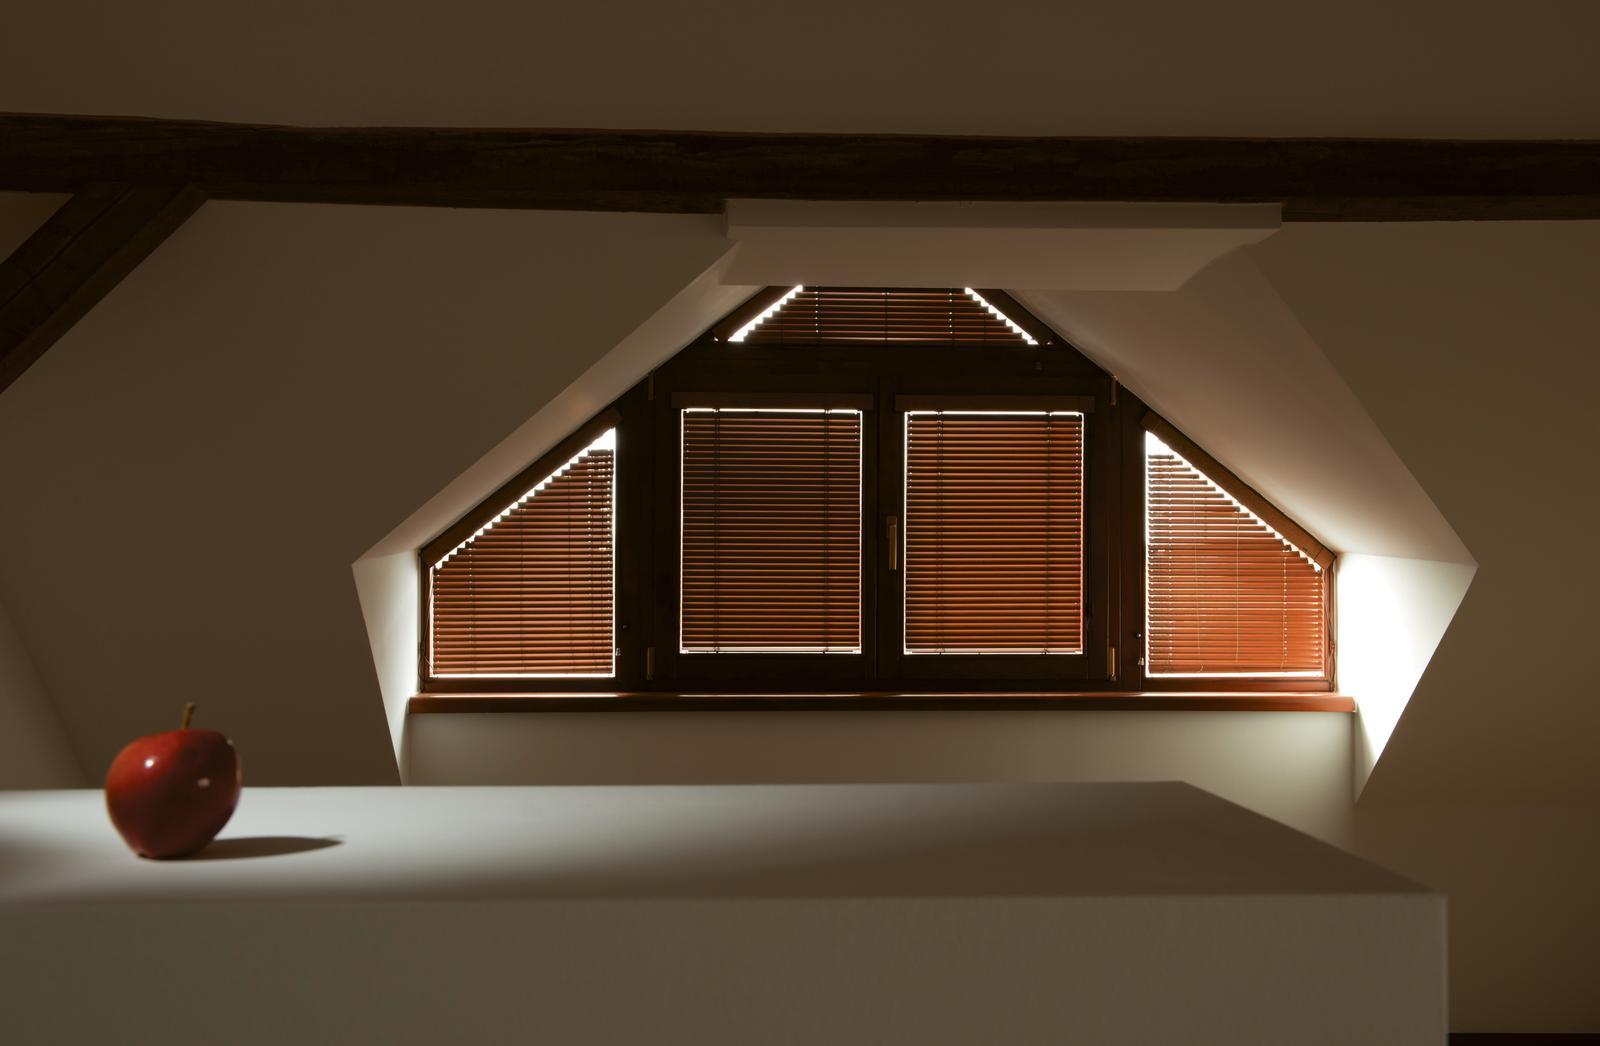 kvalitnetienenie - Atypické hliníkové interiérové žalúzie vo farbe drevodekor